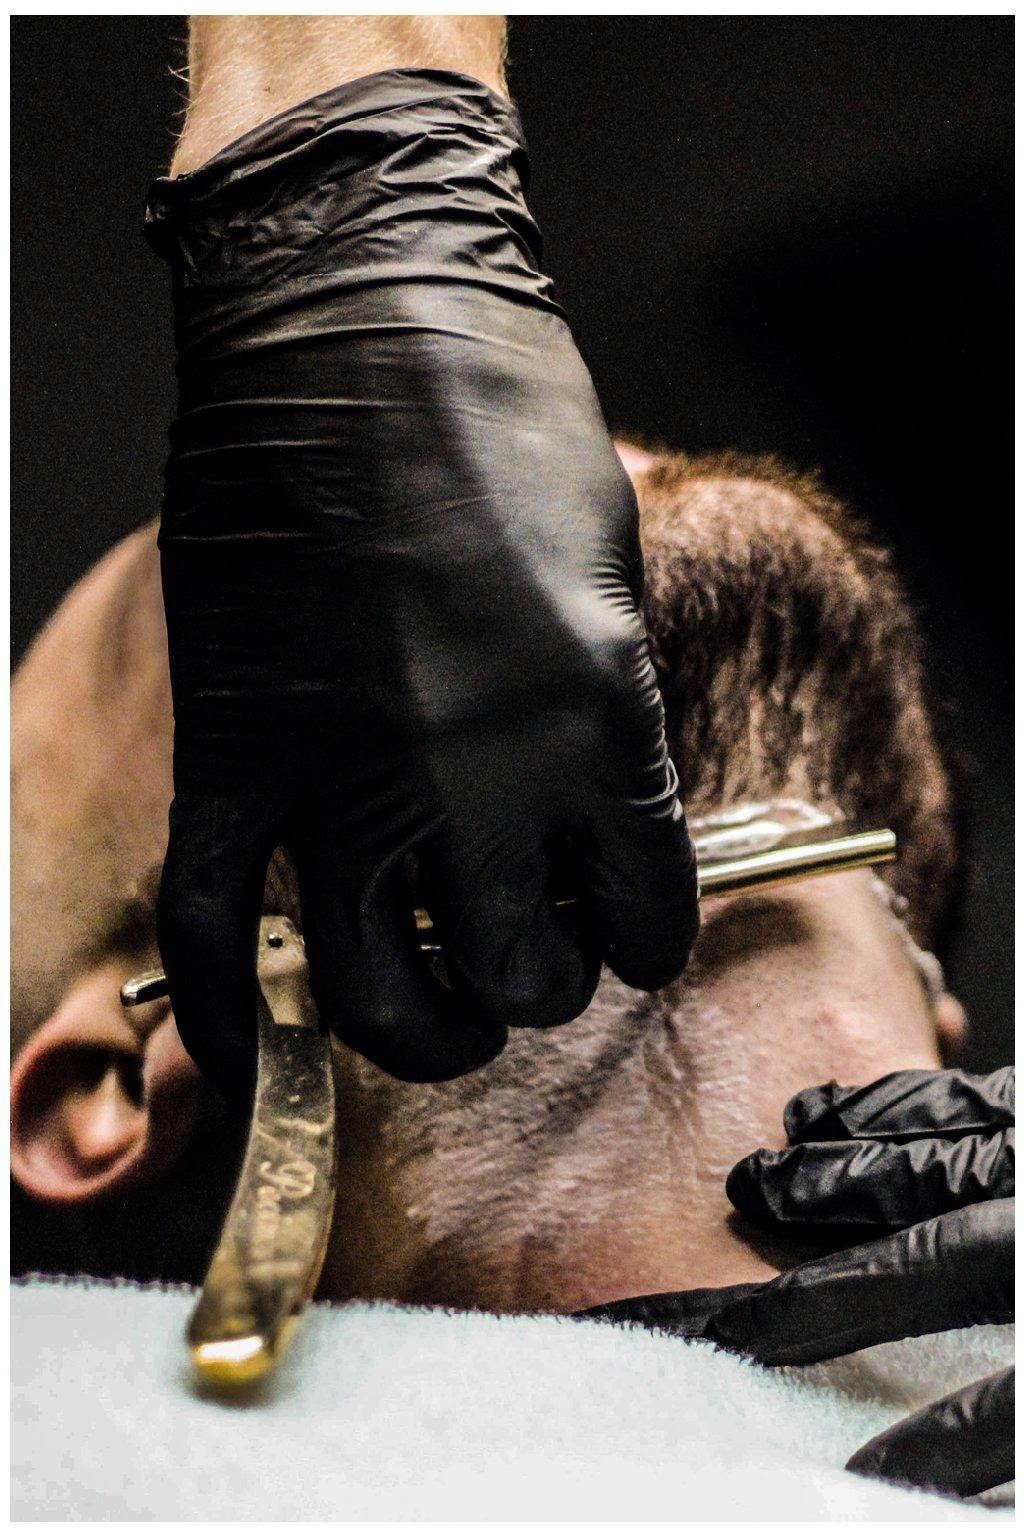 Barberkurz beautyschool